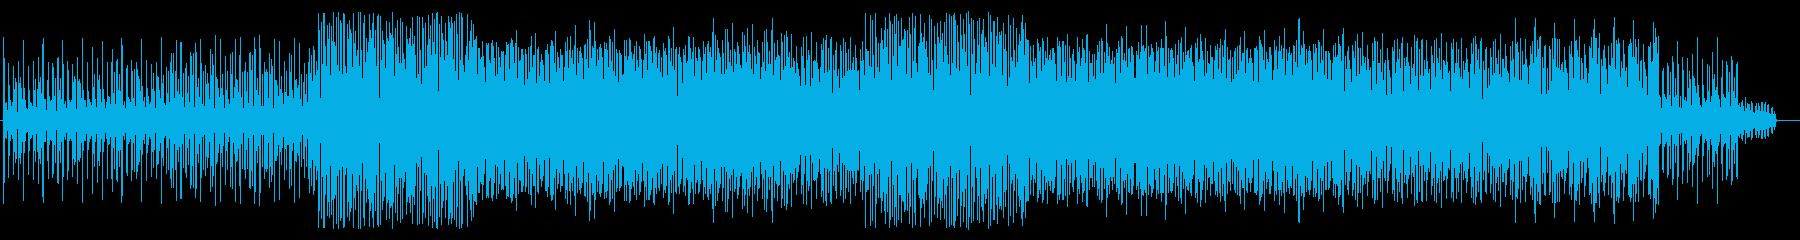 シリアス感のシンセサイザーテクノ系の再生済みの波形